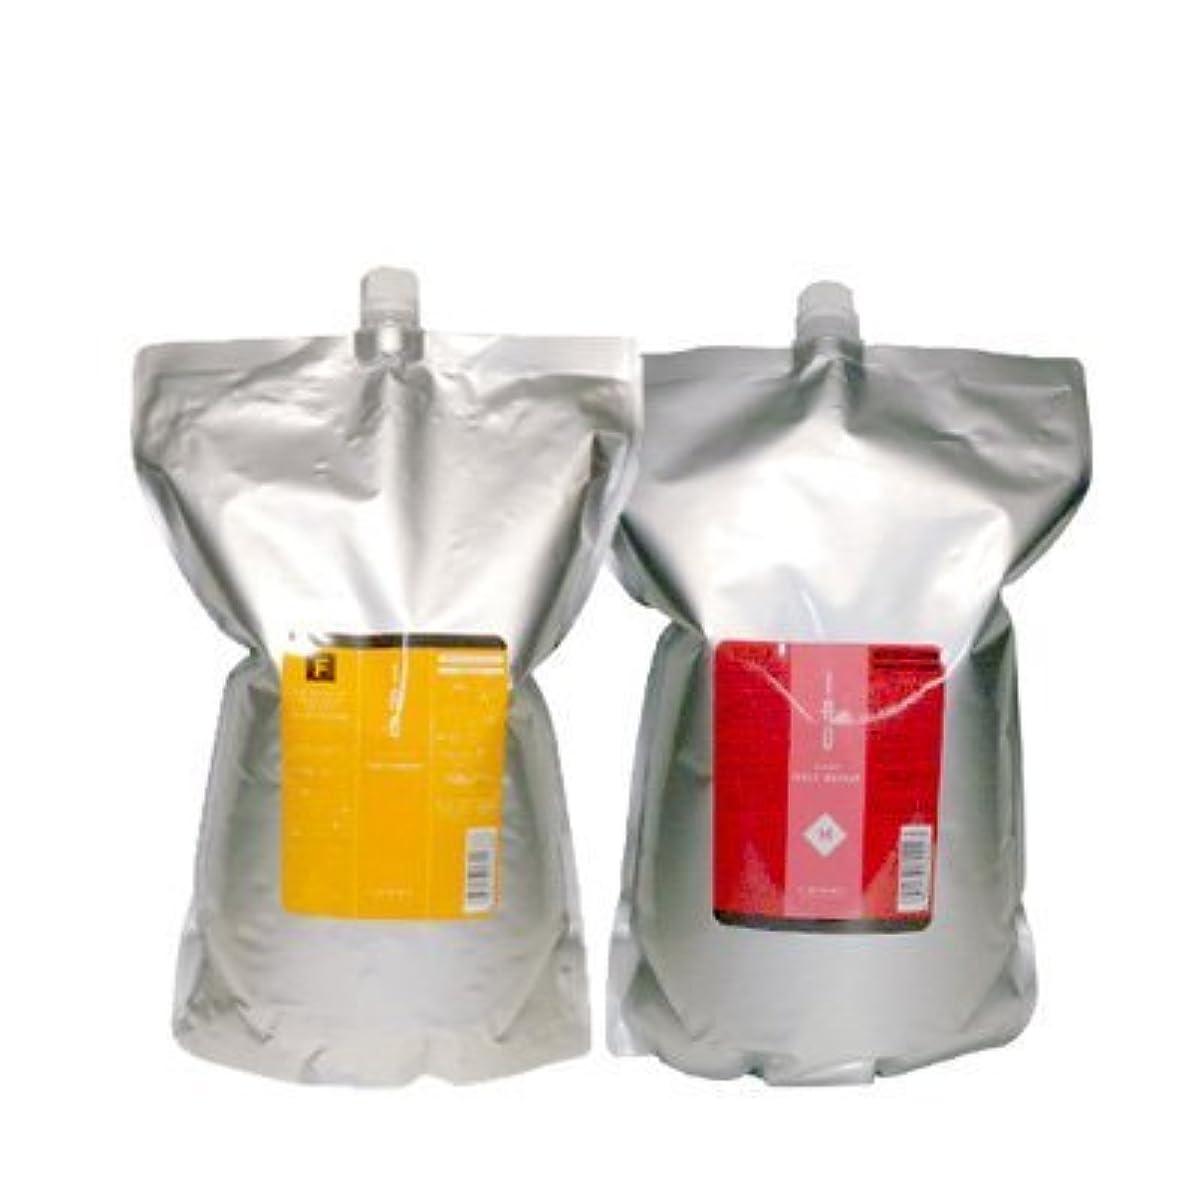 料理トレーダー薬剤師ルベル IAU イオ クレンジング フレッシュメント(シャンプー)2500ml&イオ クリーム メルトリペア トリートメント2500ml 詰め替えセット